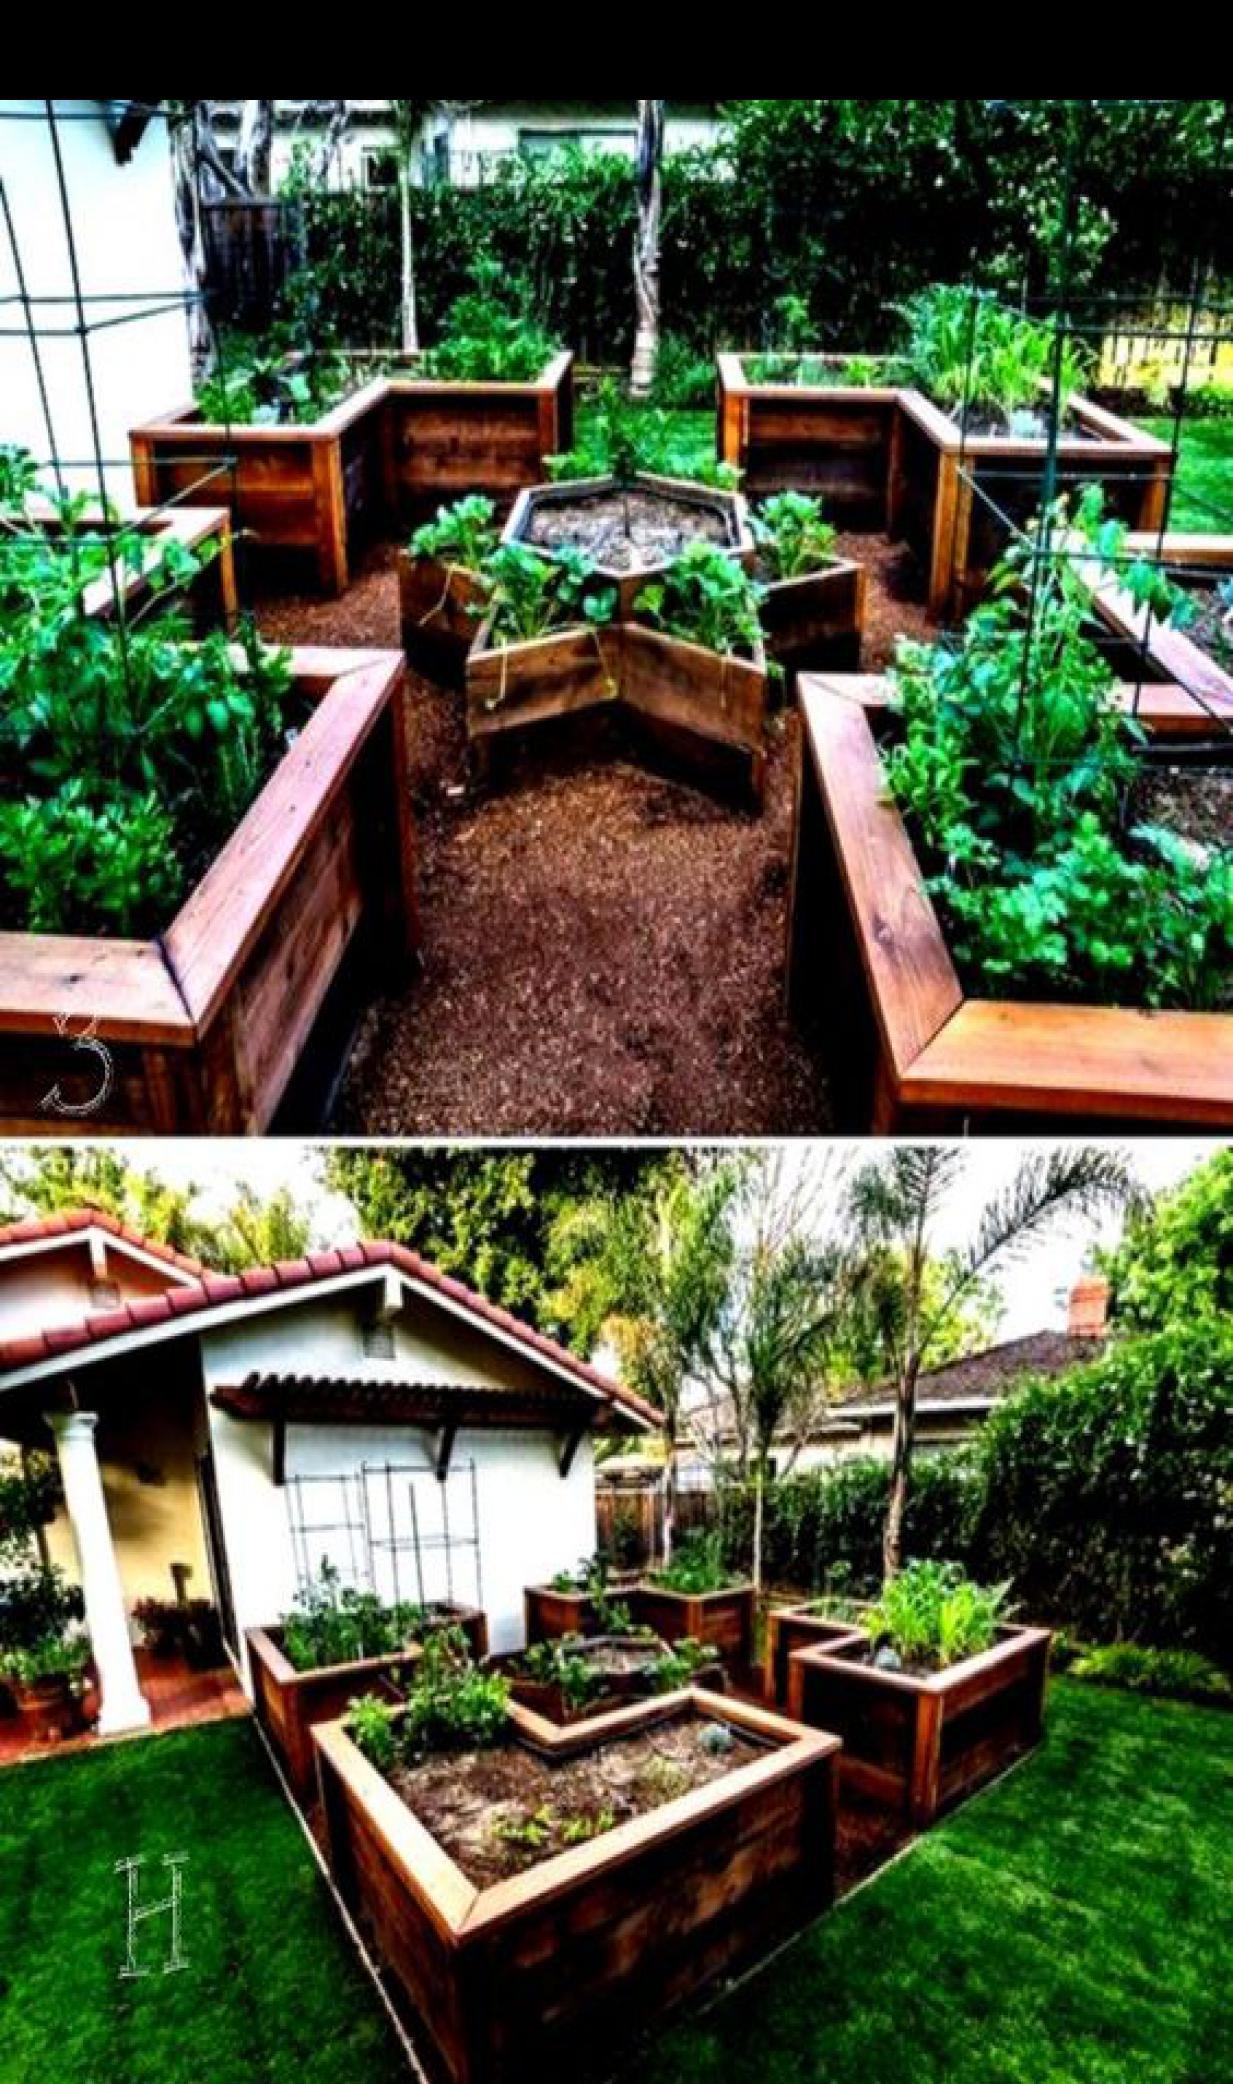 50 Amazing Garden With Picturesque Views To Inspire You In 2020 Dream Garden Landscape Design Garden Design